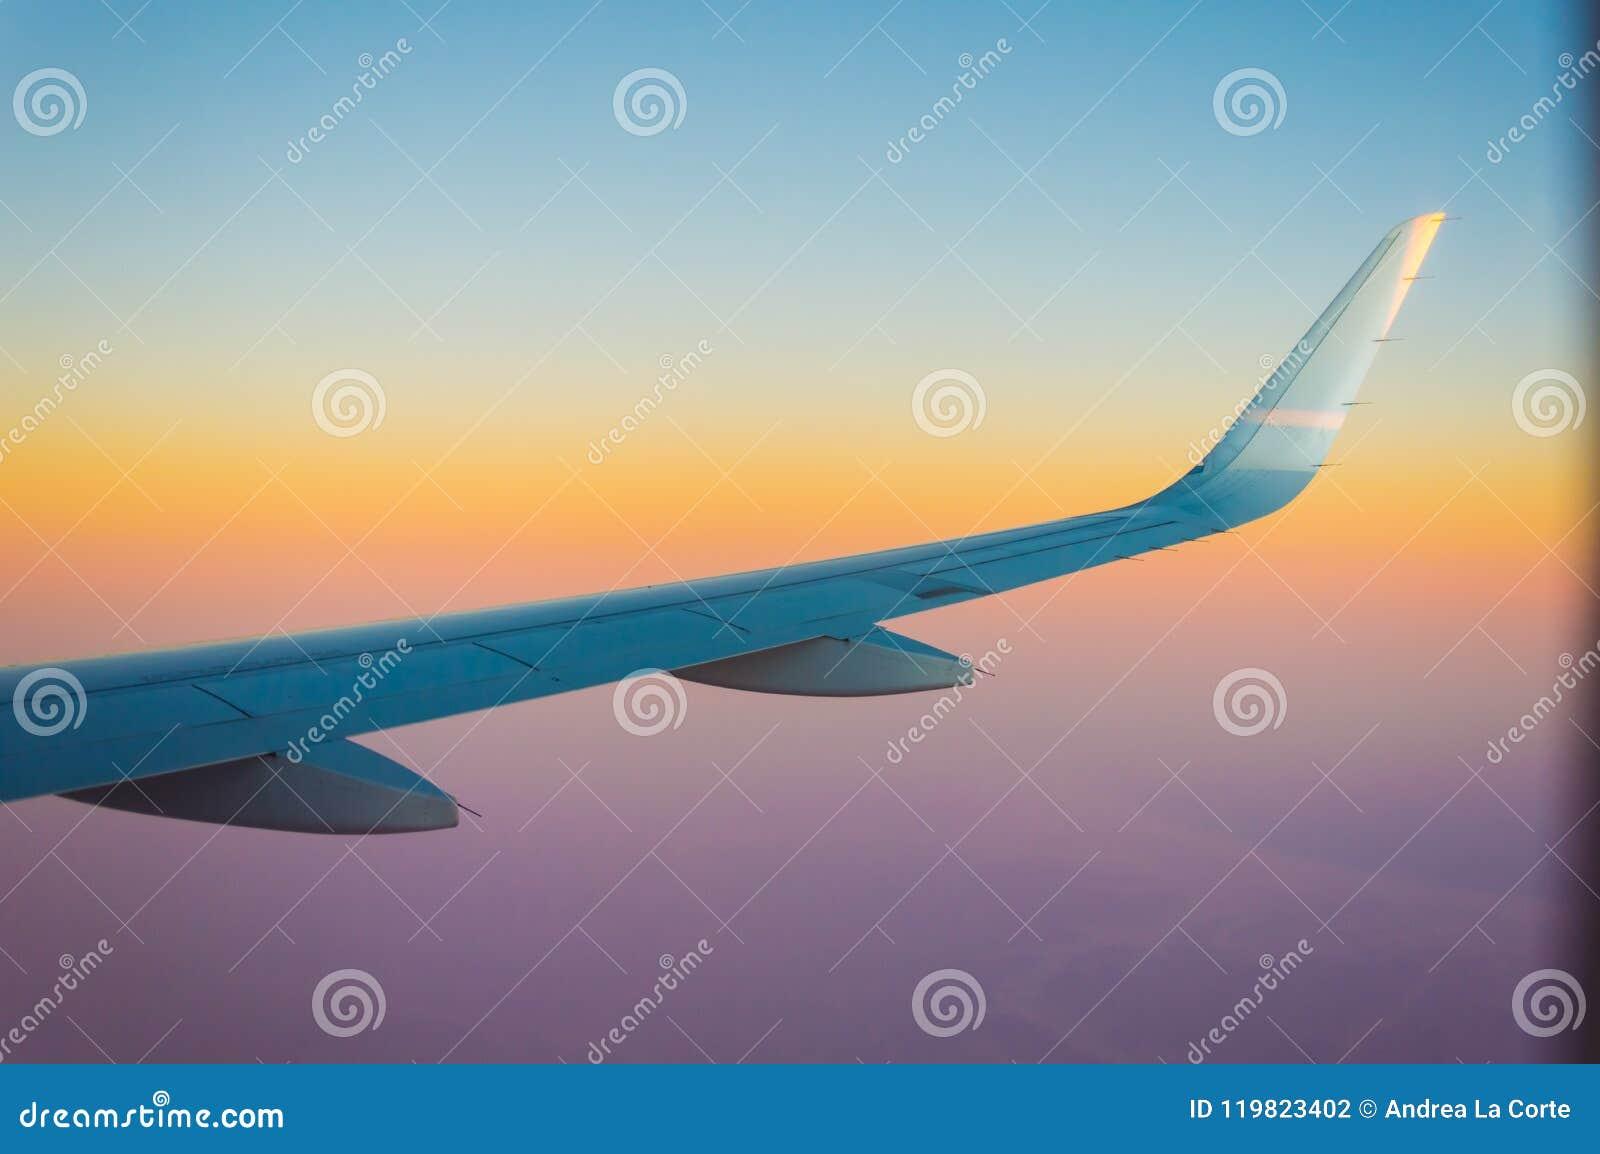 Крыло самолета во время неимоверного захода солнца